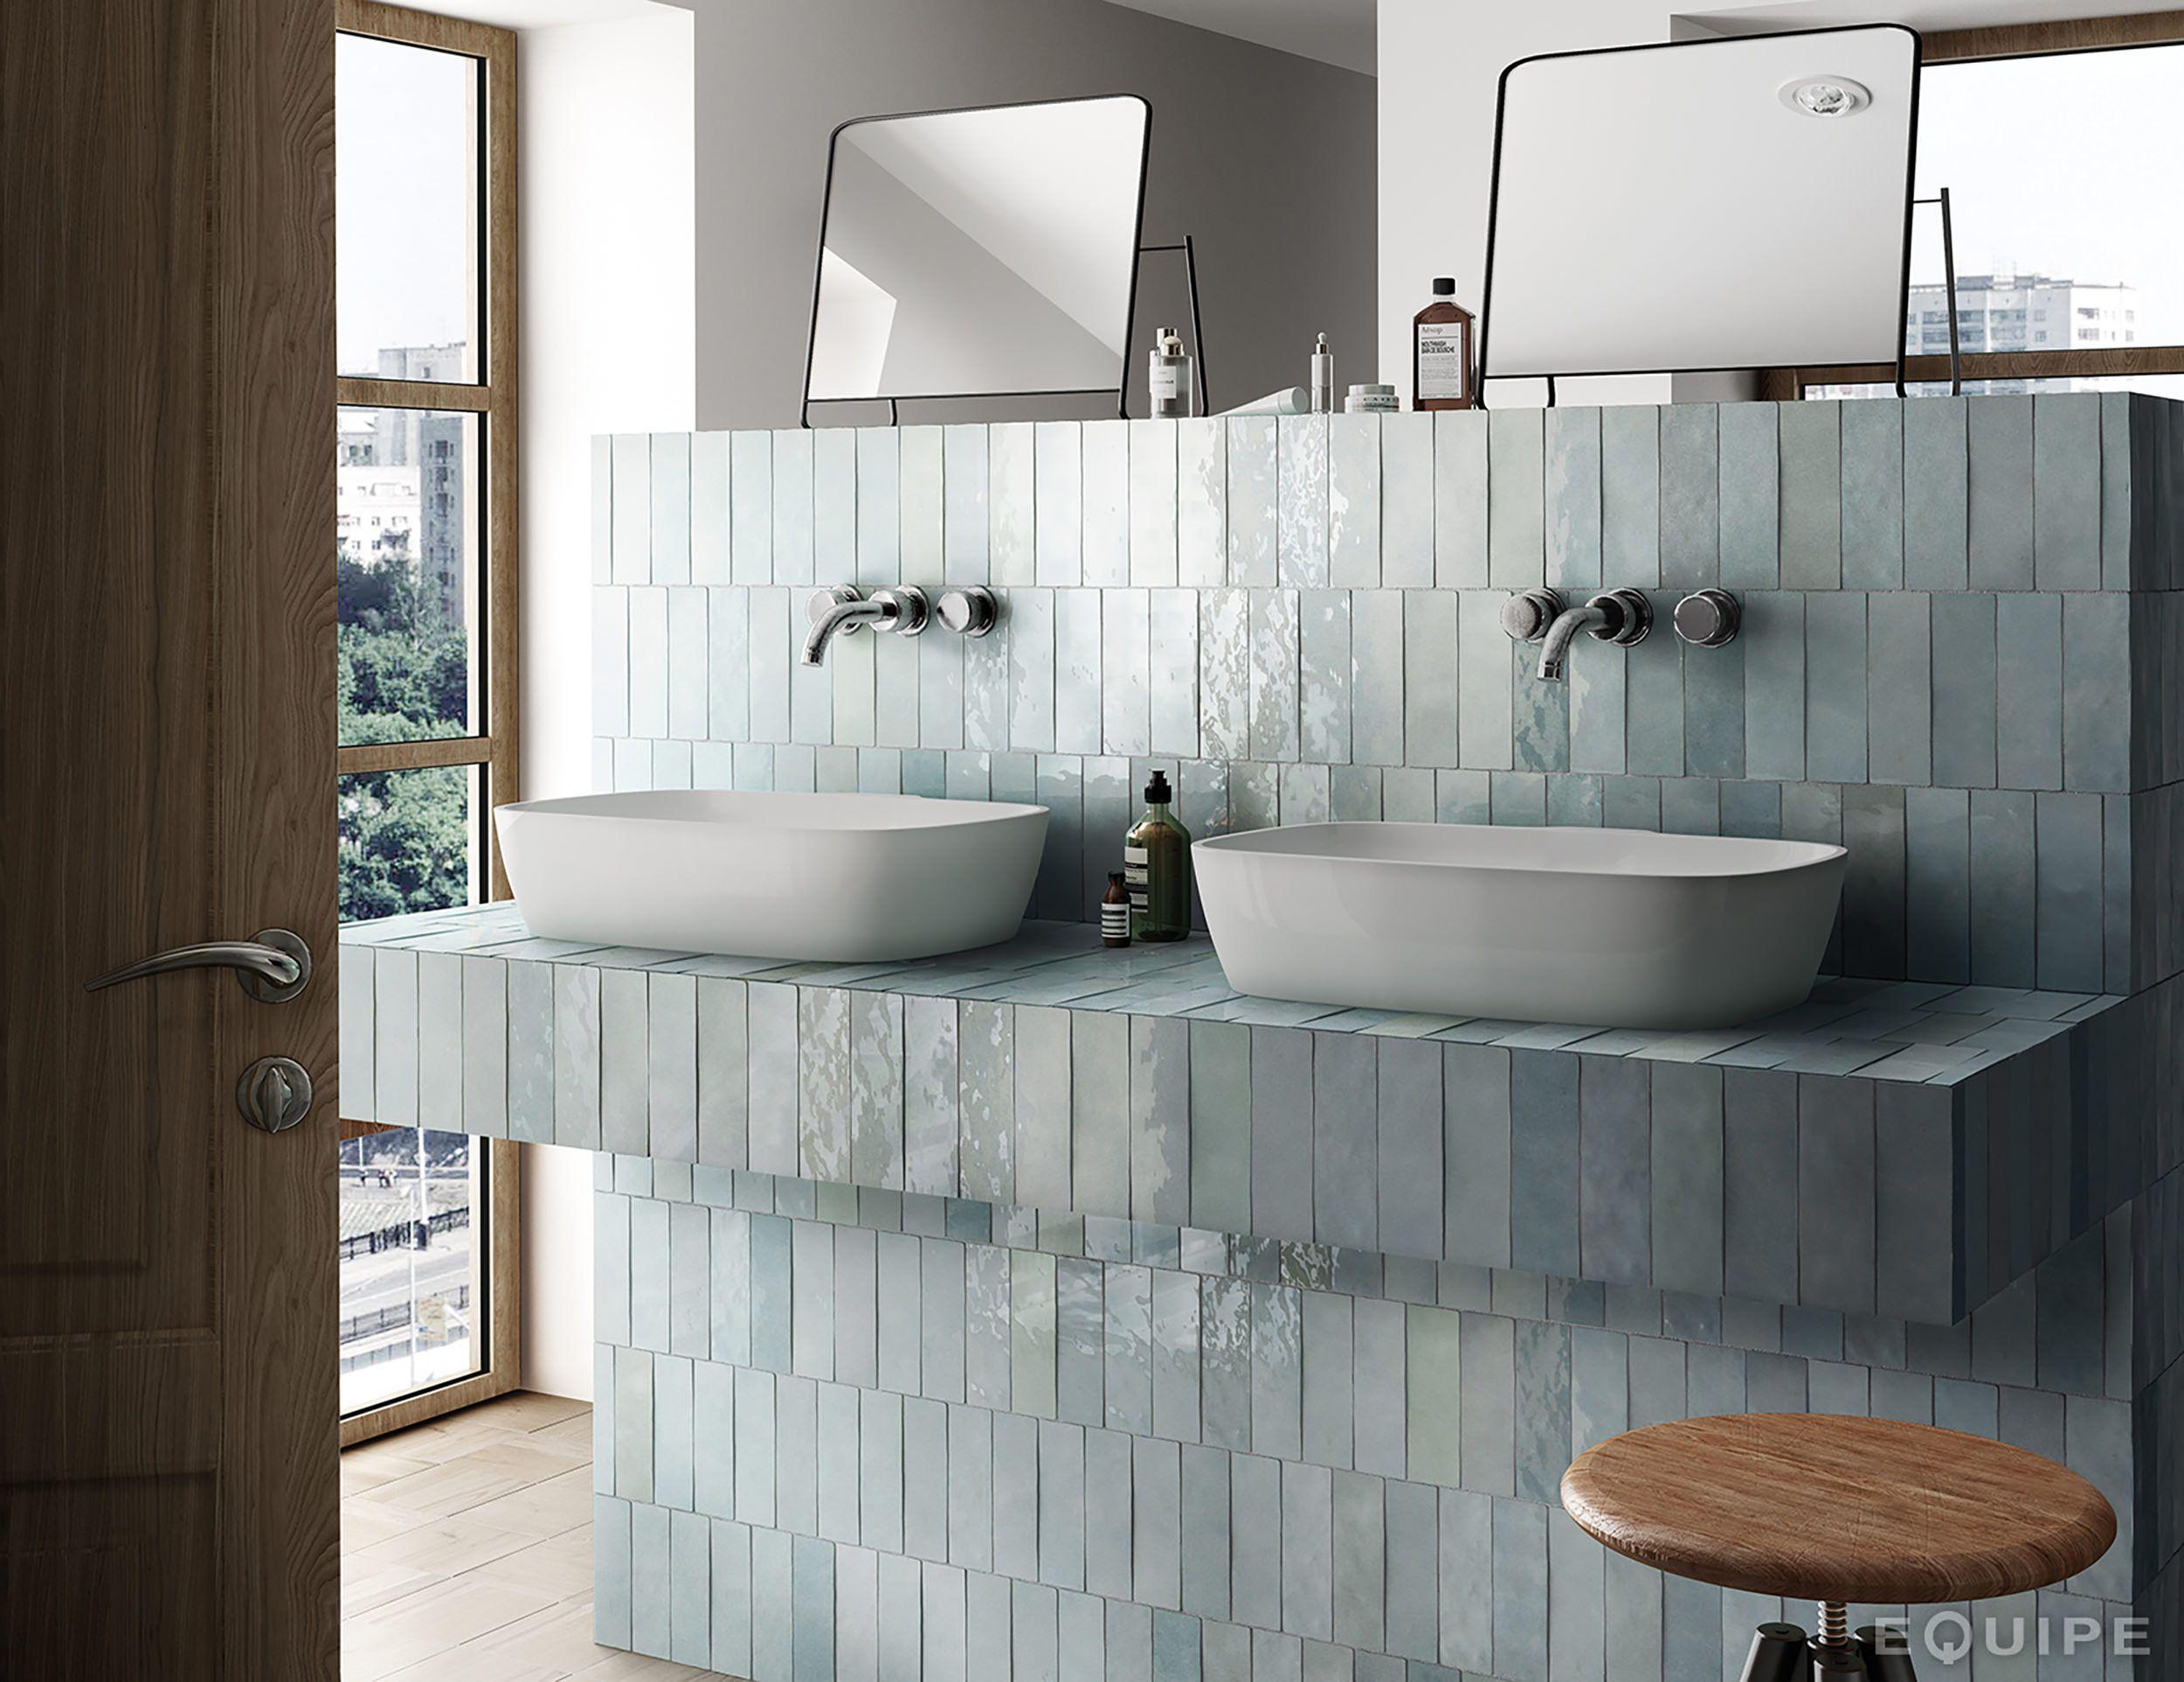 Badezimmer eitelkeit shaker stil bathroom inspiration home style interiordesign  bathrooms in